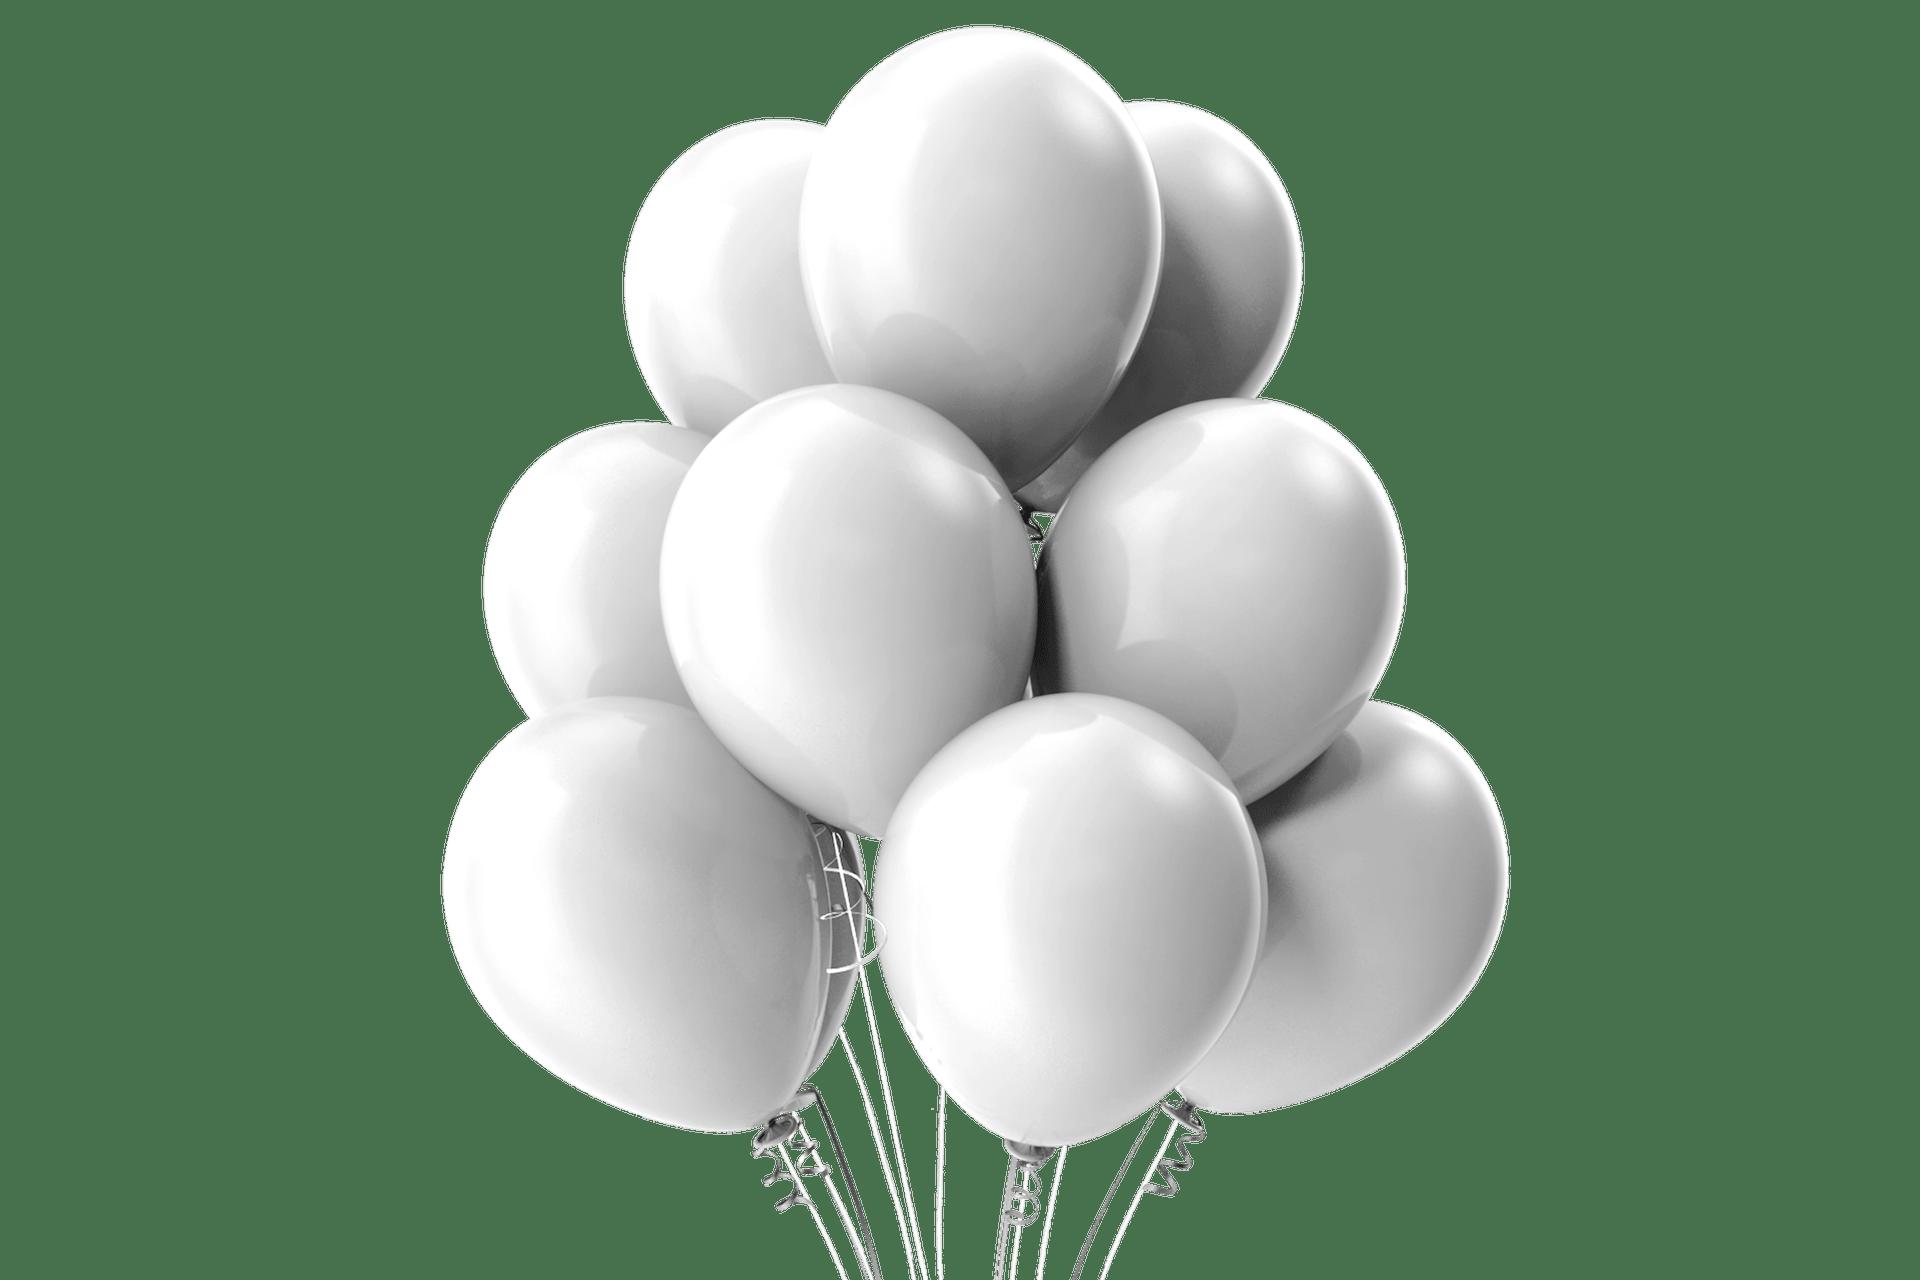 minuteman Leistungen - farbloses Bild - Luftballons - Eintrittskarten, Geschenkpapier, Einladungen, Getränkekarten, Fahnen